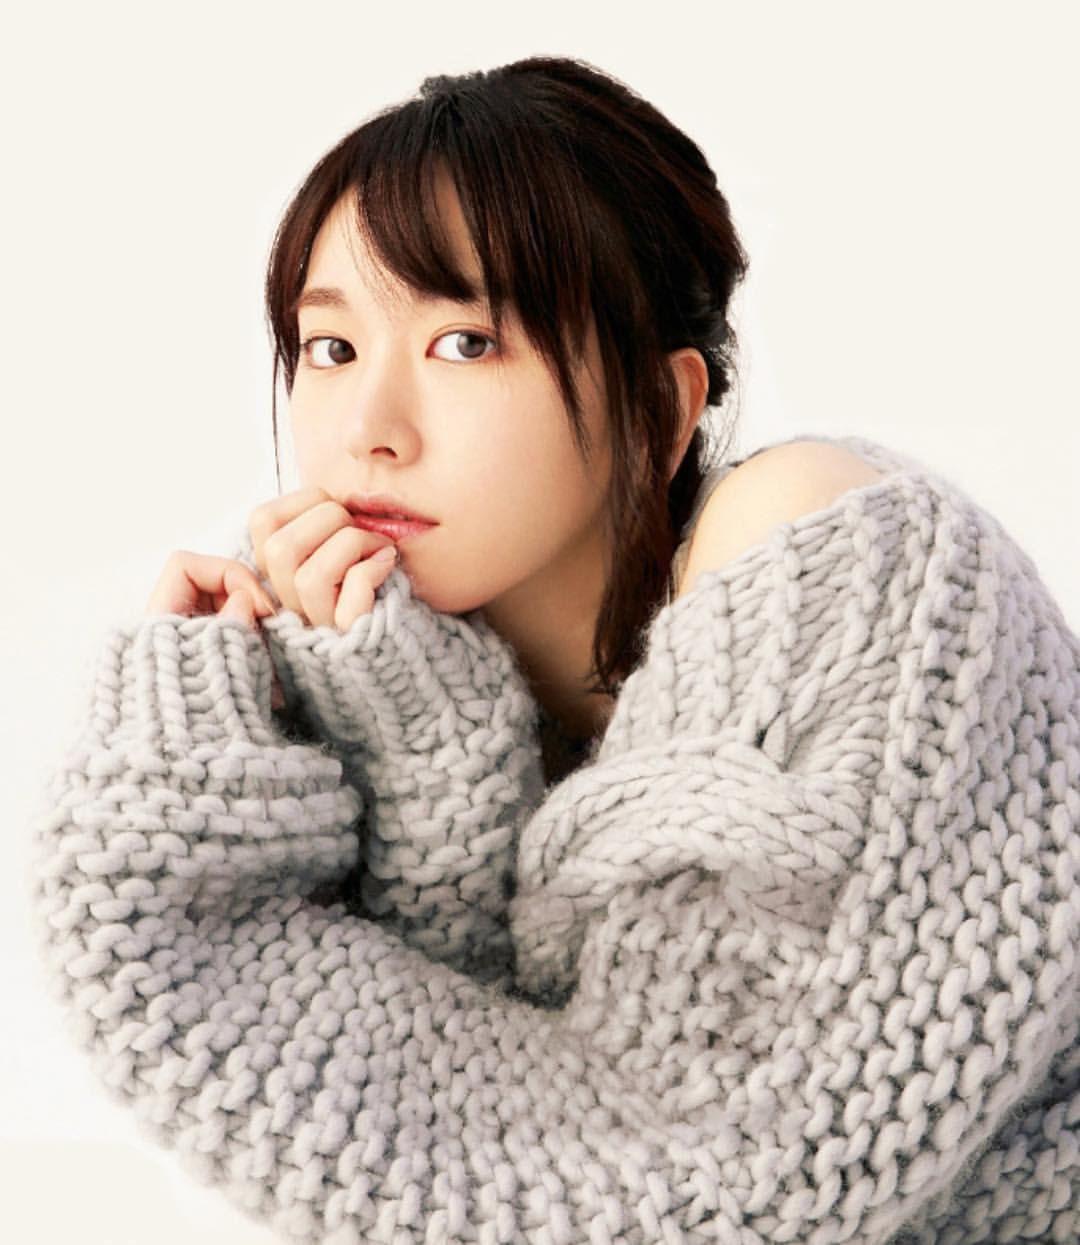 VZN News: Phụ nữ Nhật Bản chẳng bao giờ lo mắc bệnh viêm nhiễm phụ khoa là nhờ làm được 2 điều này mỗi ngày - Ảnh 1.